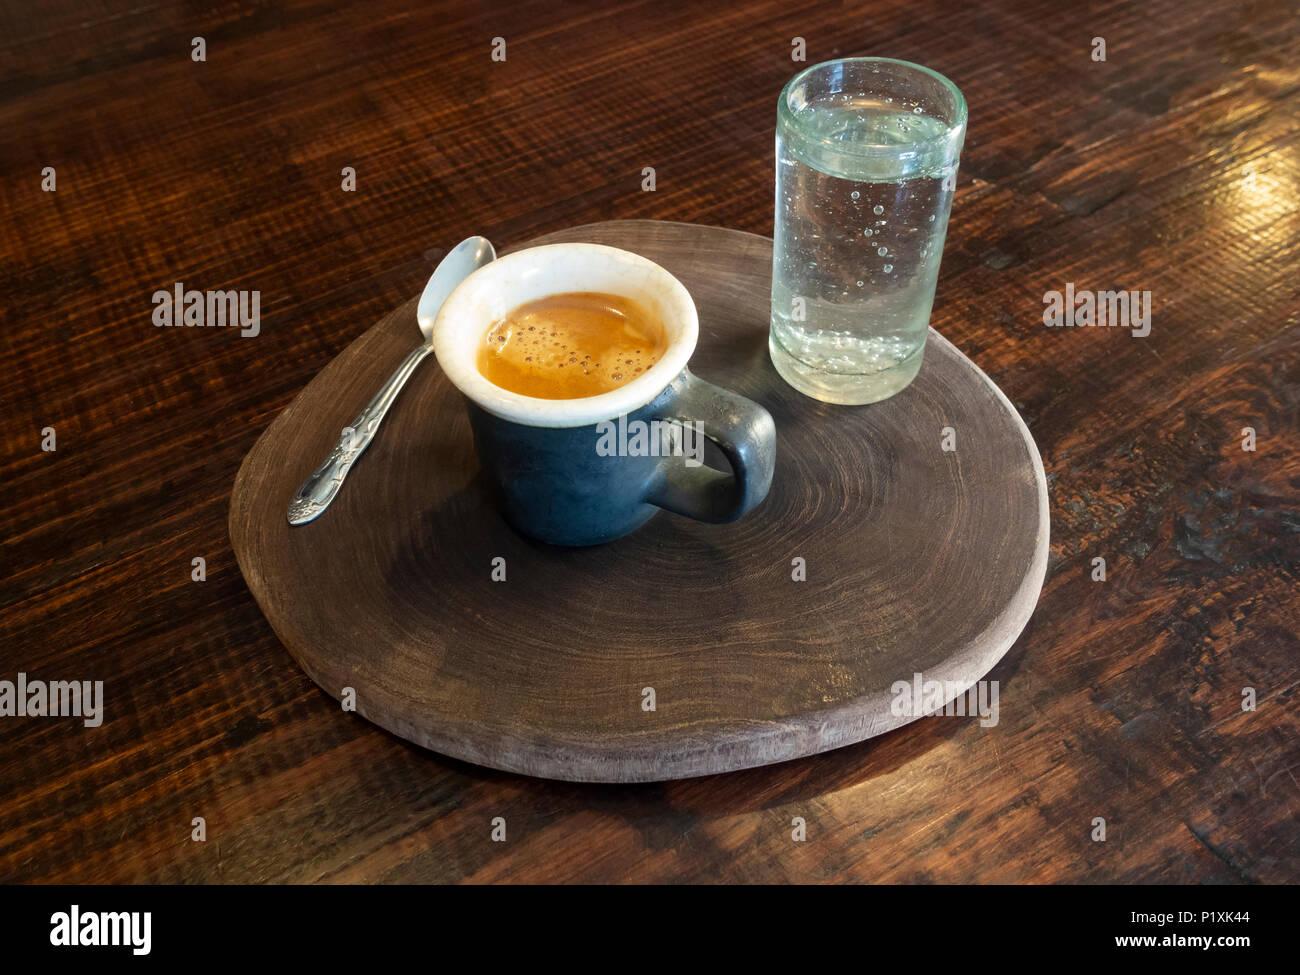 Eine Tasse Espresso mit einem kleinen Glas Wasser mit Kohlensäure Stockbild